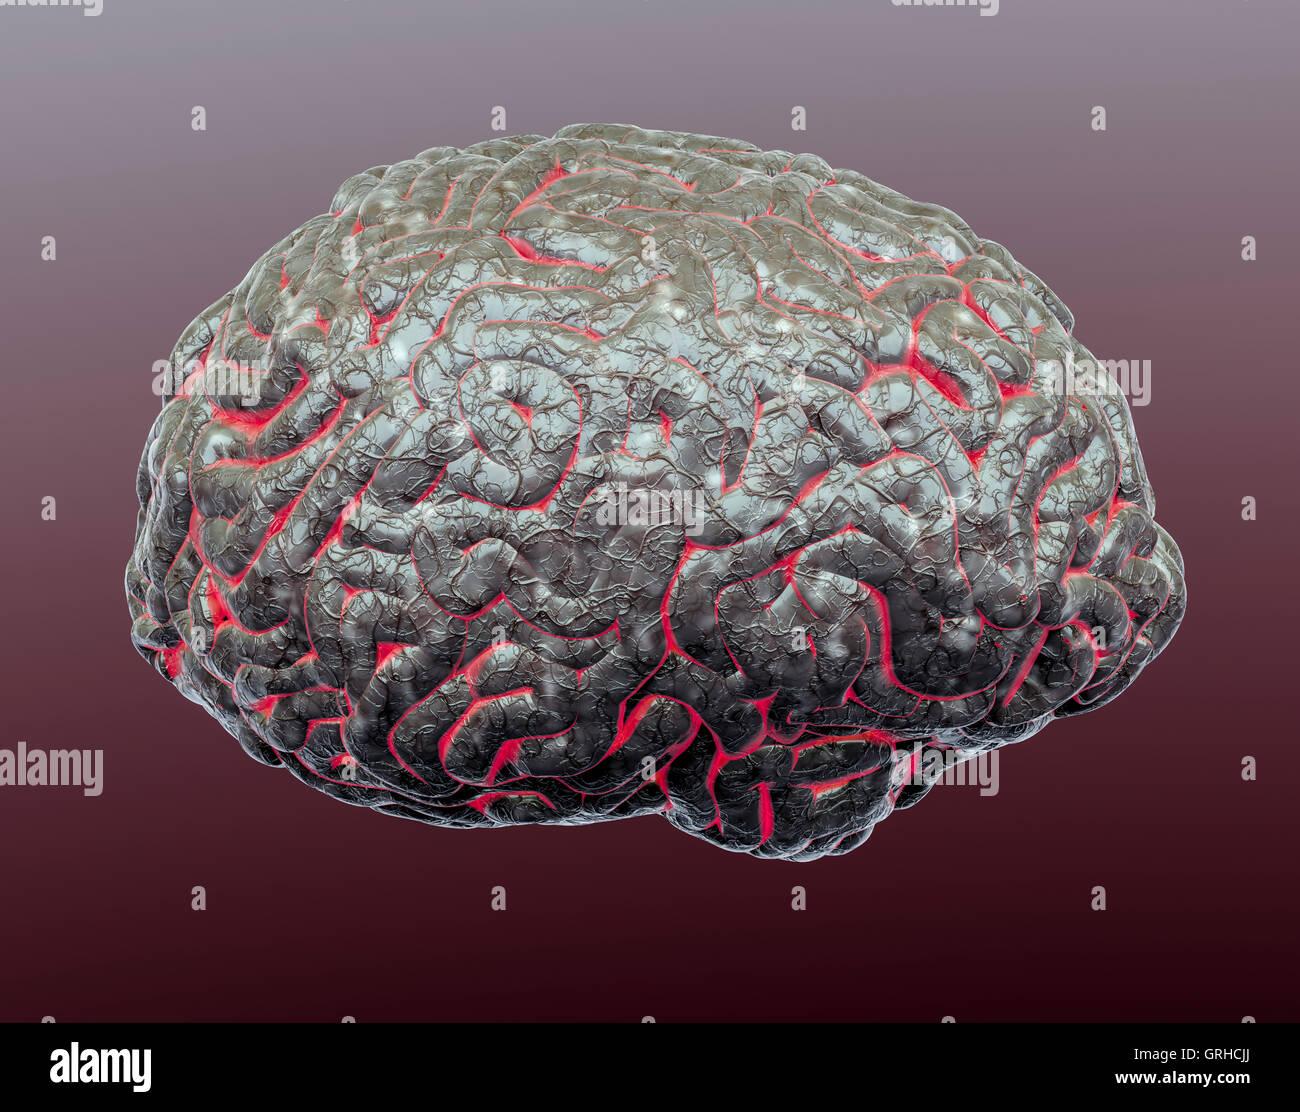 Tolle Die Anatomie Des Gehirns Und Seine Funktionen Galerie ...